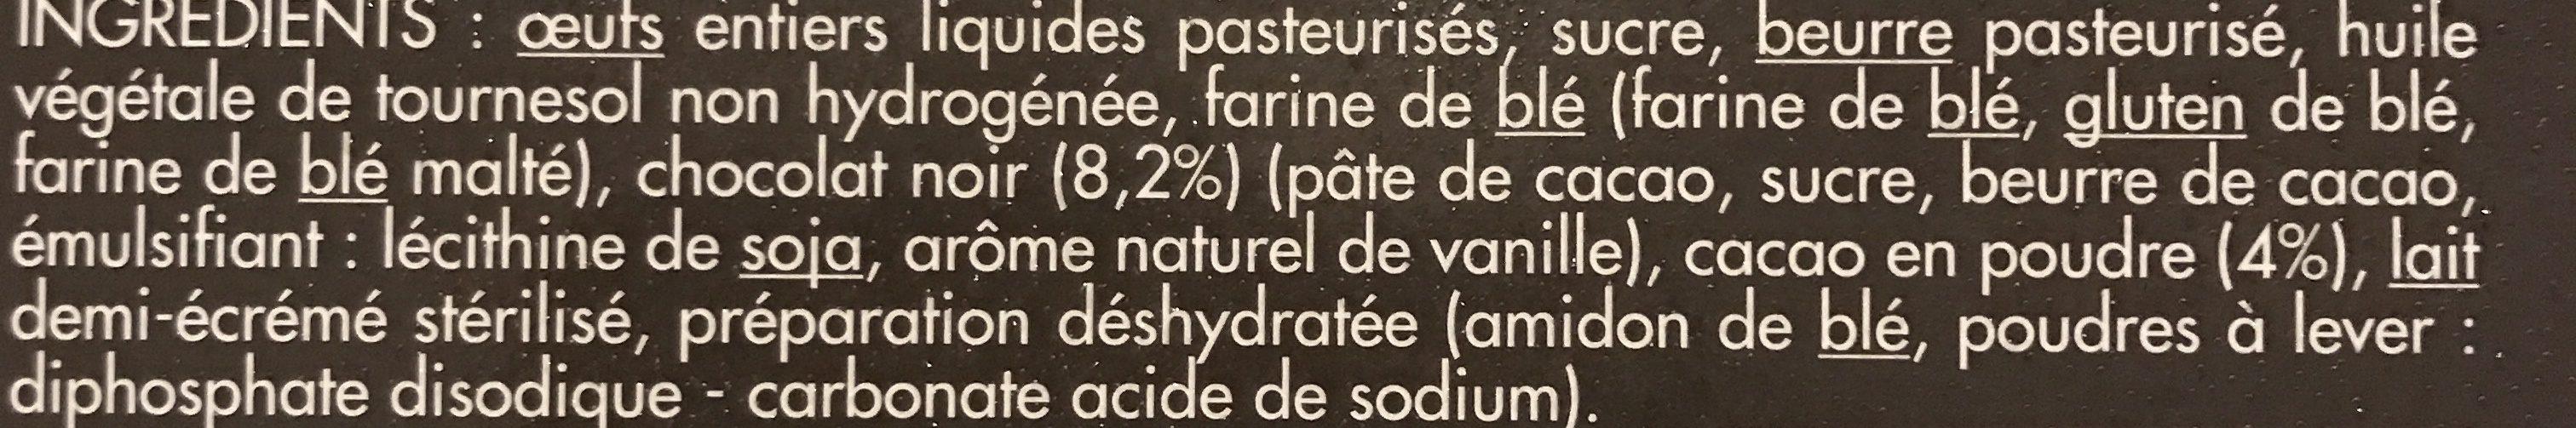 Toupargel Moelleux au Cœur Chocolat Fondant 2 x 100 g Surgelé - Ingrediënten